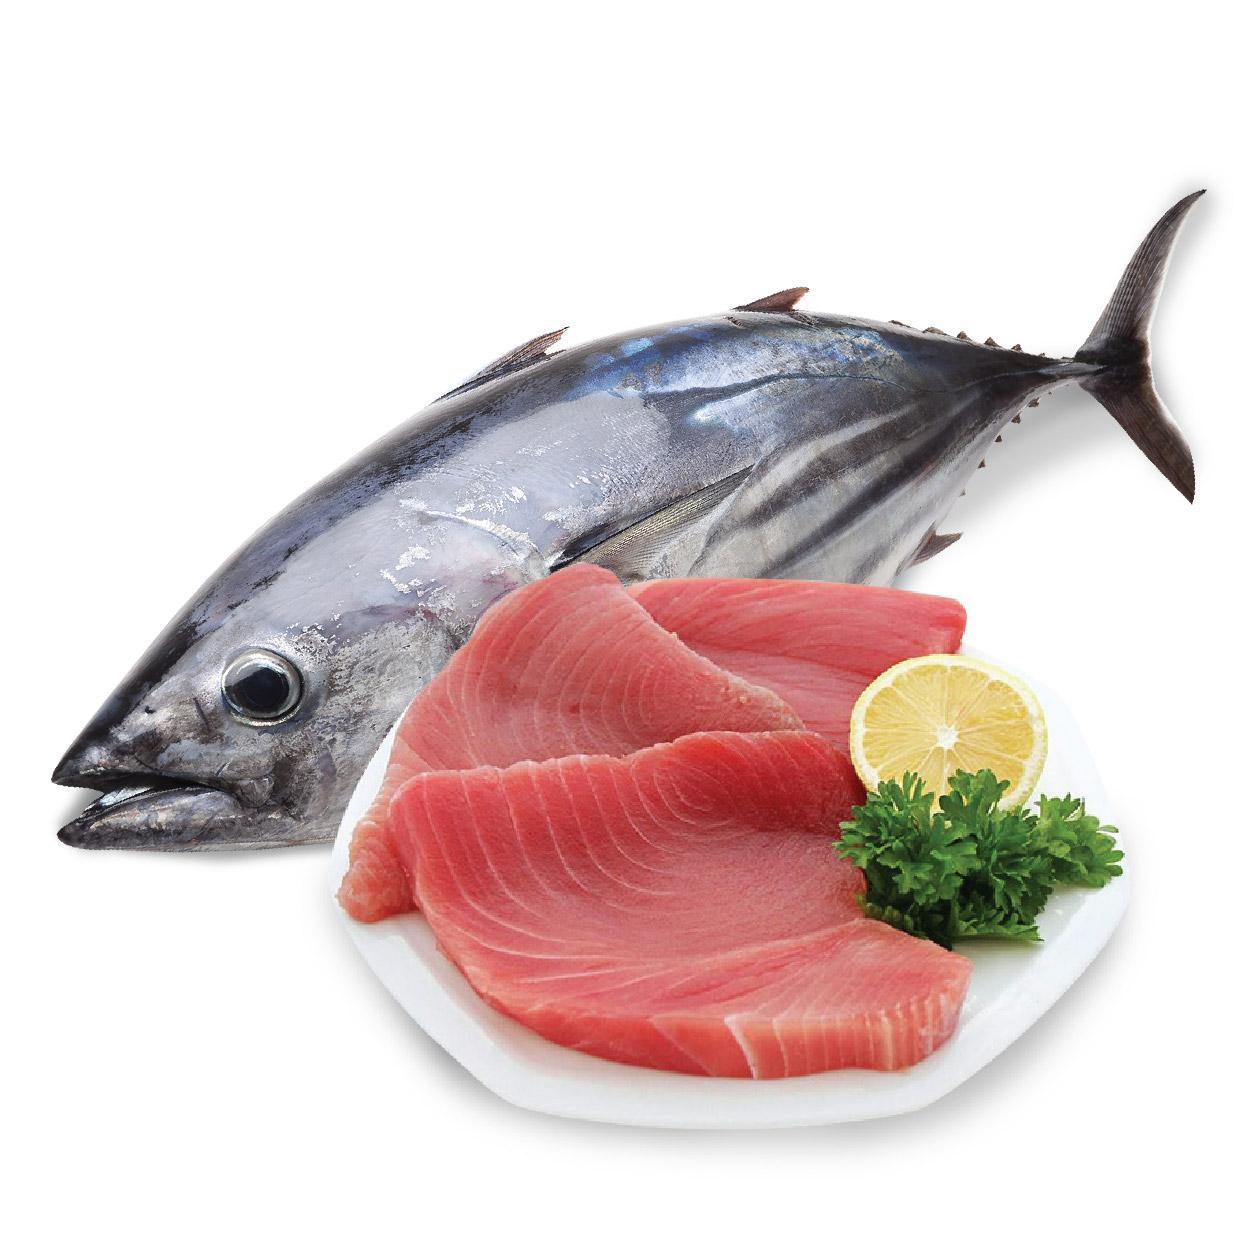 Cá ngừ đại dương có độc không